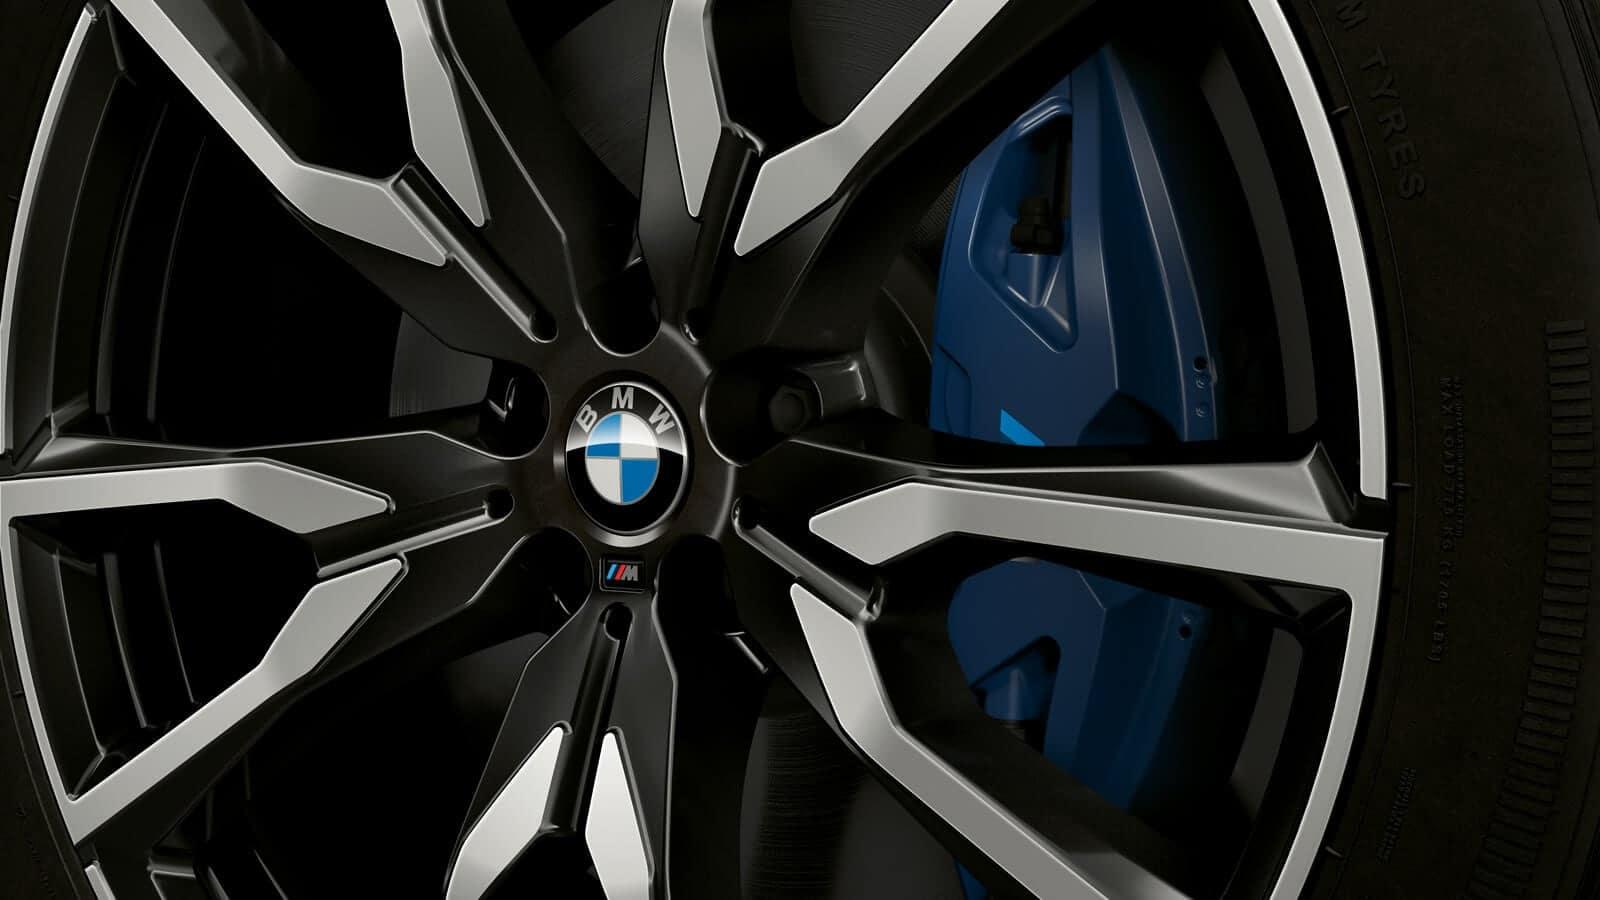 2020 BMW X7 wheel